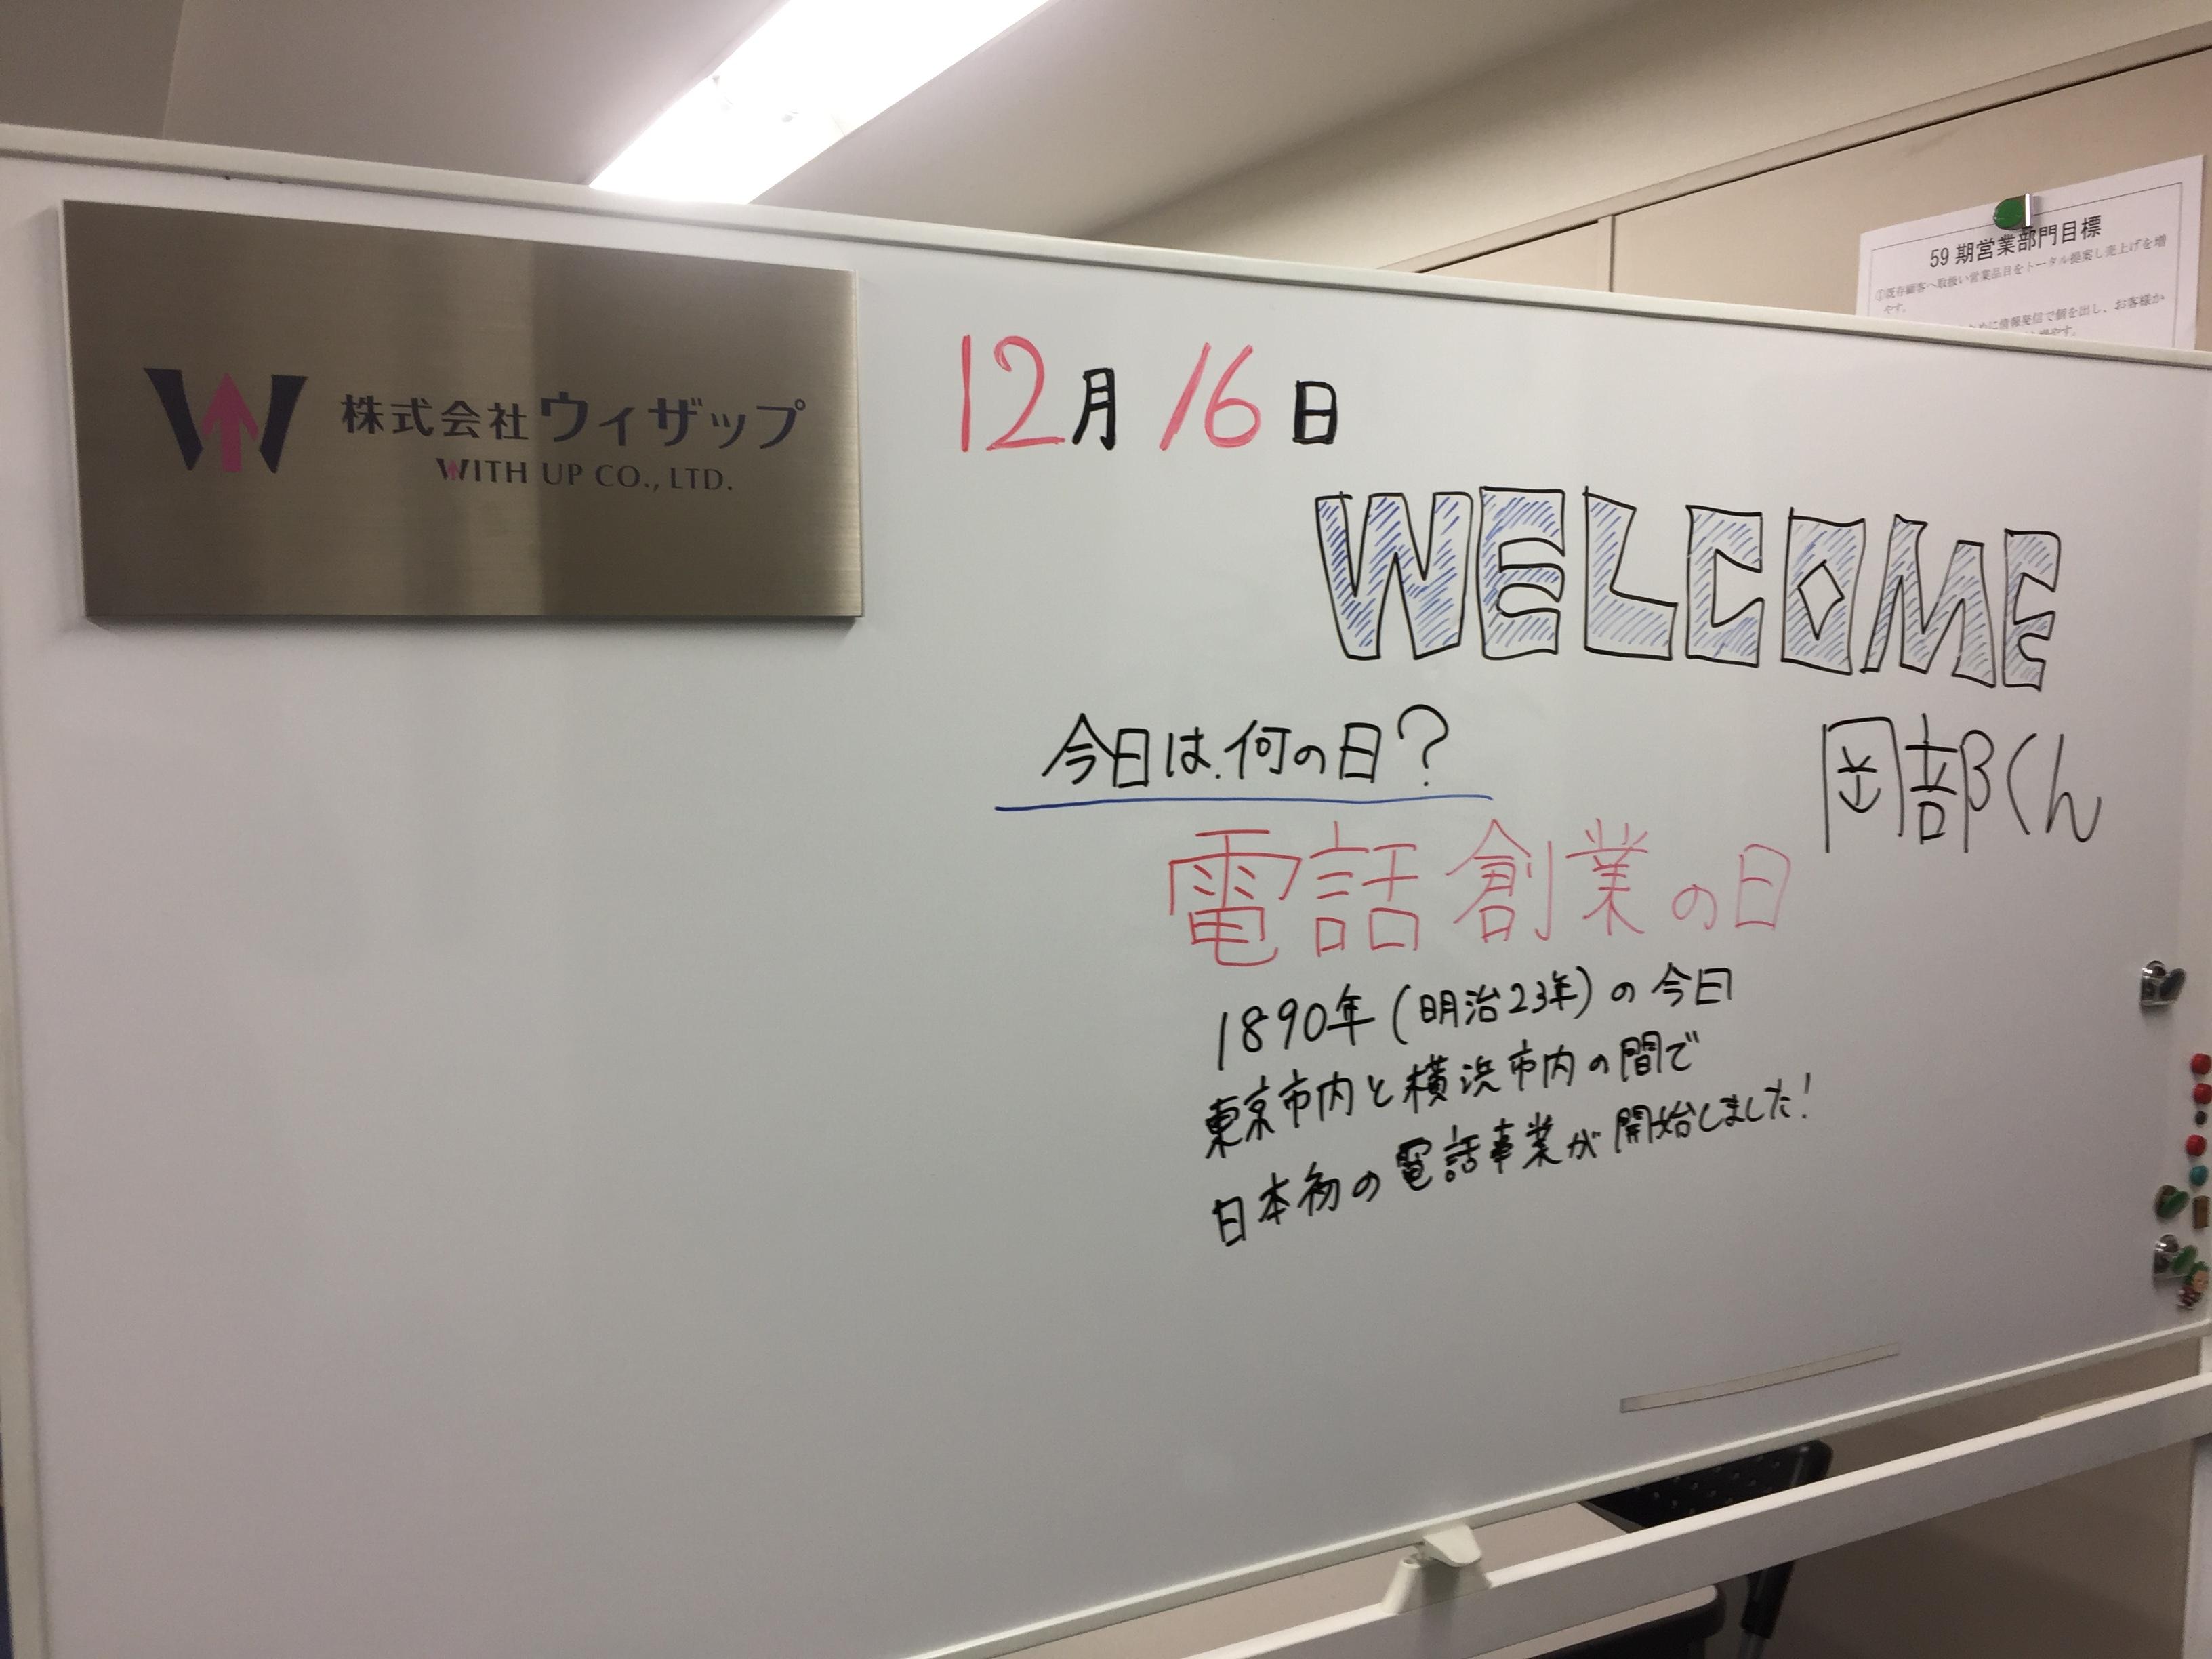 岡部君と書いたら その左に後輩古川が「今日は何の日?」って付け足して書いてる(笑)